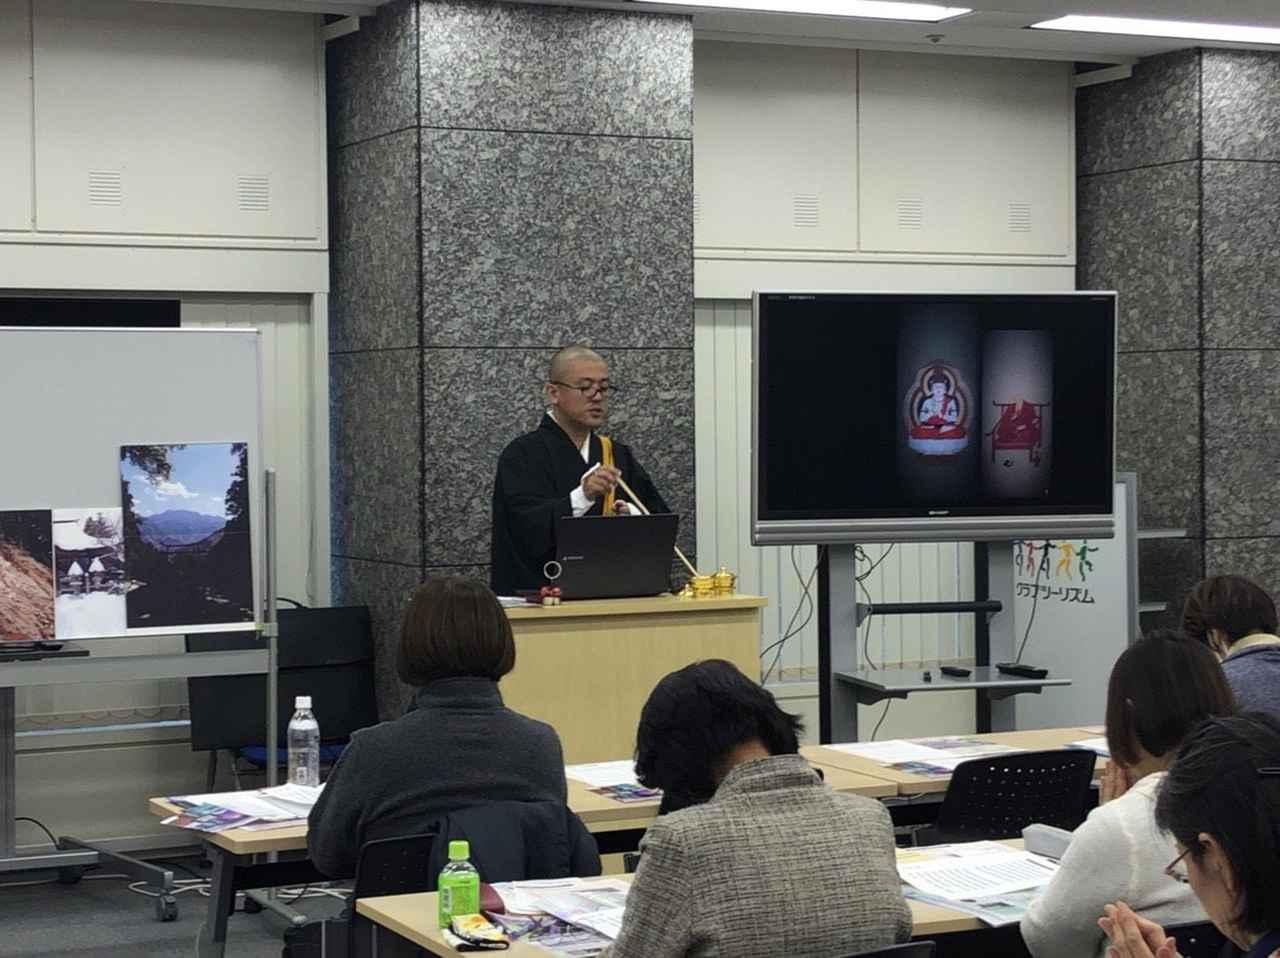 画像3: 特別開催!四国八十八カ所を学ぶ おへんろ学校